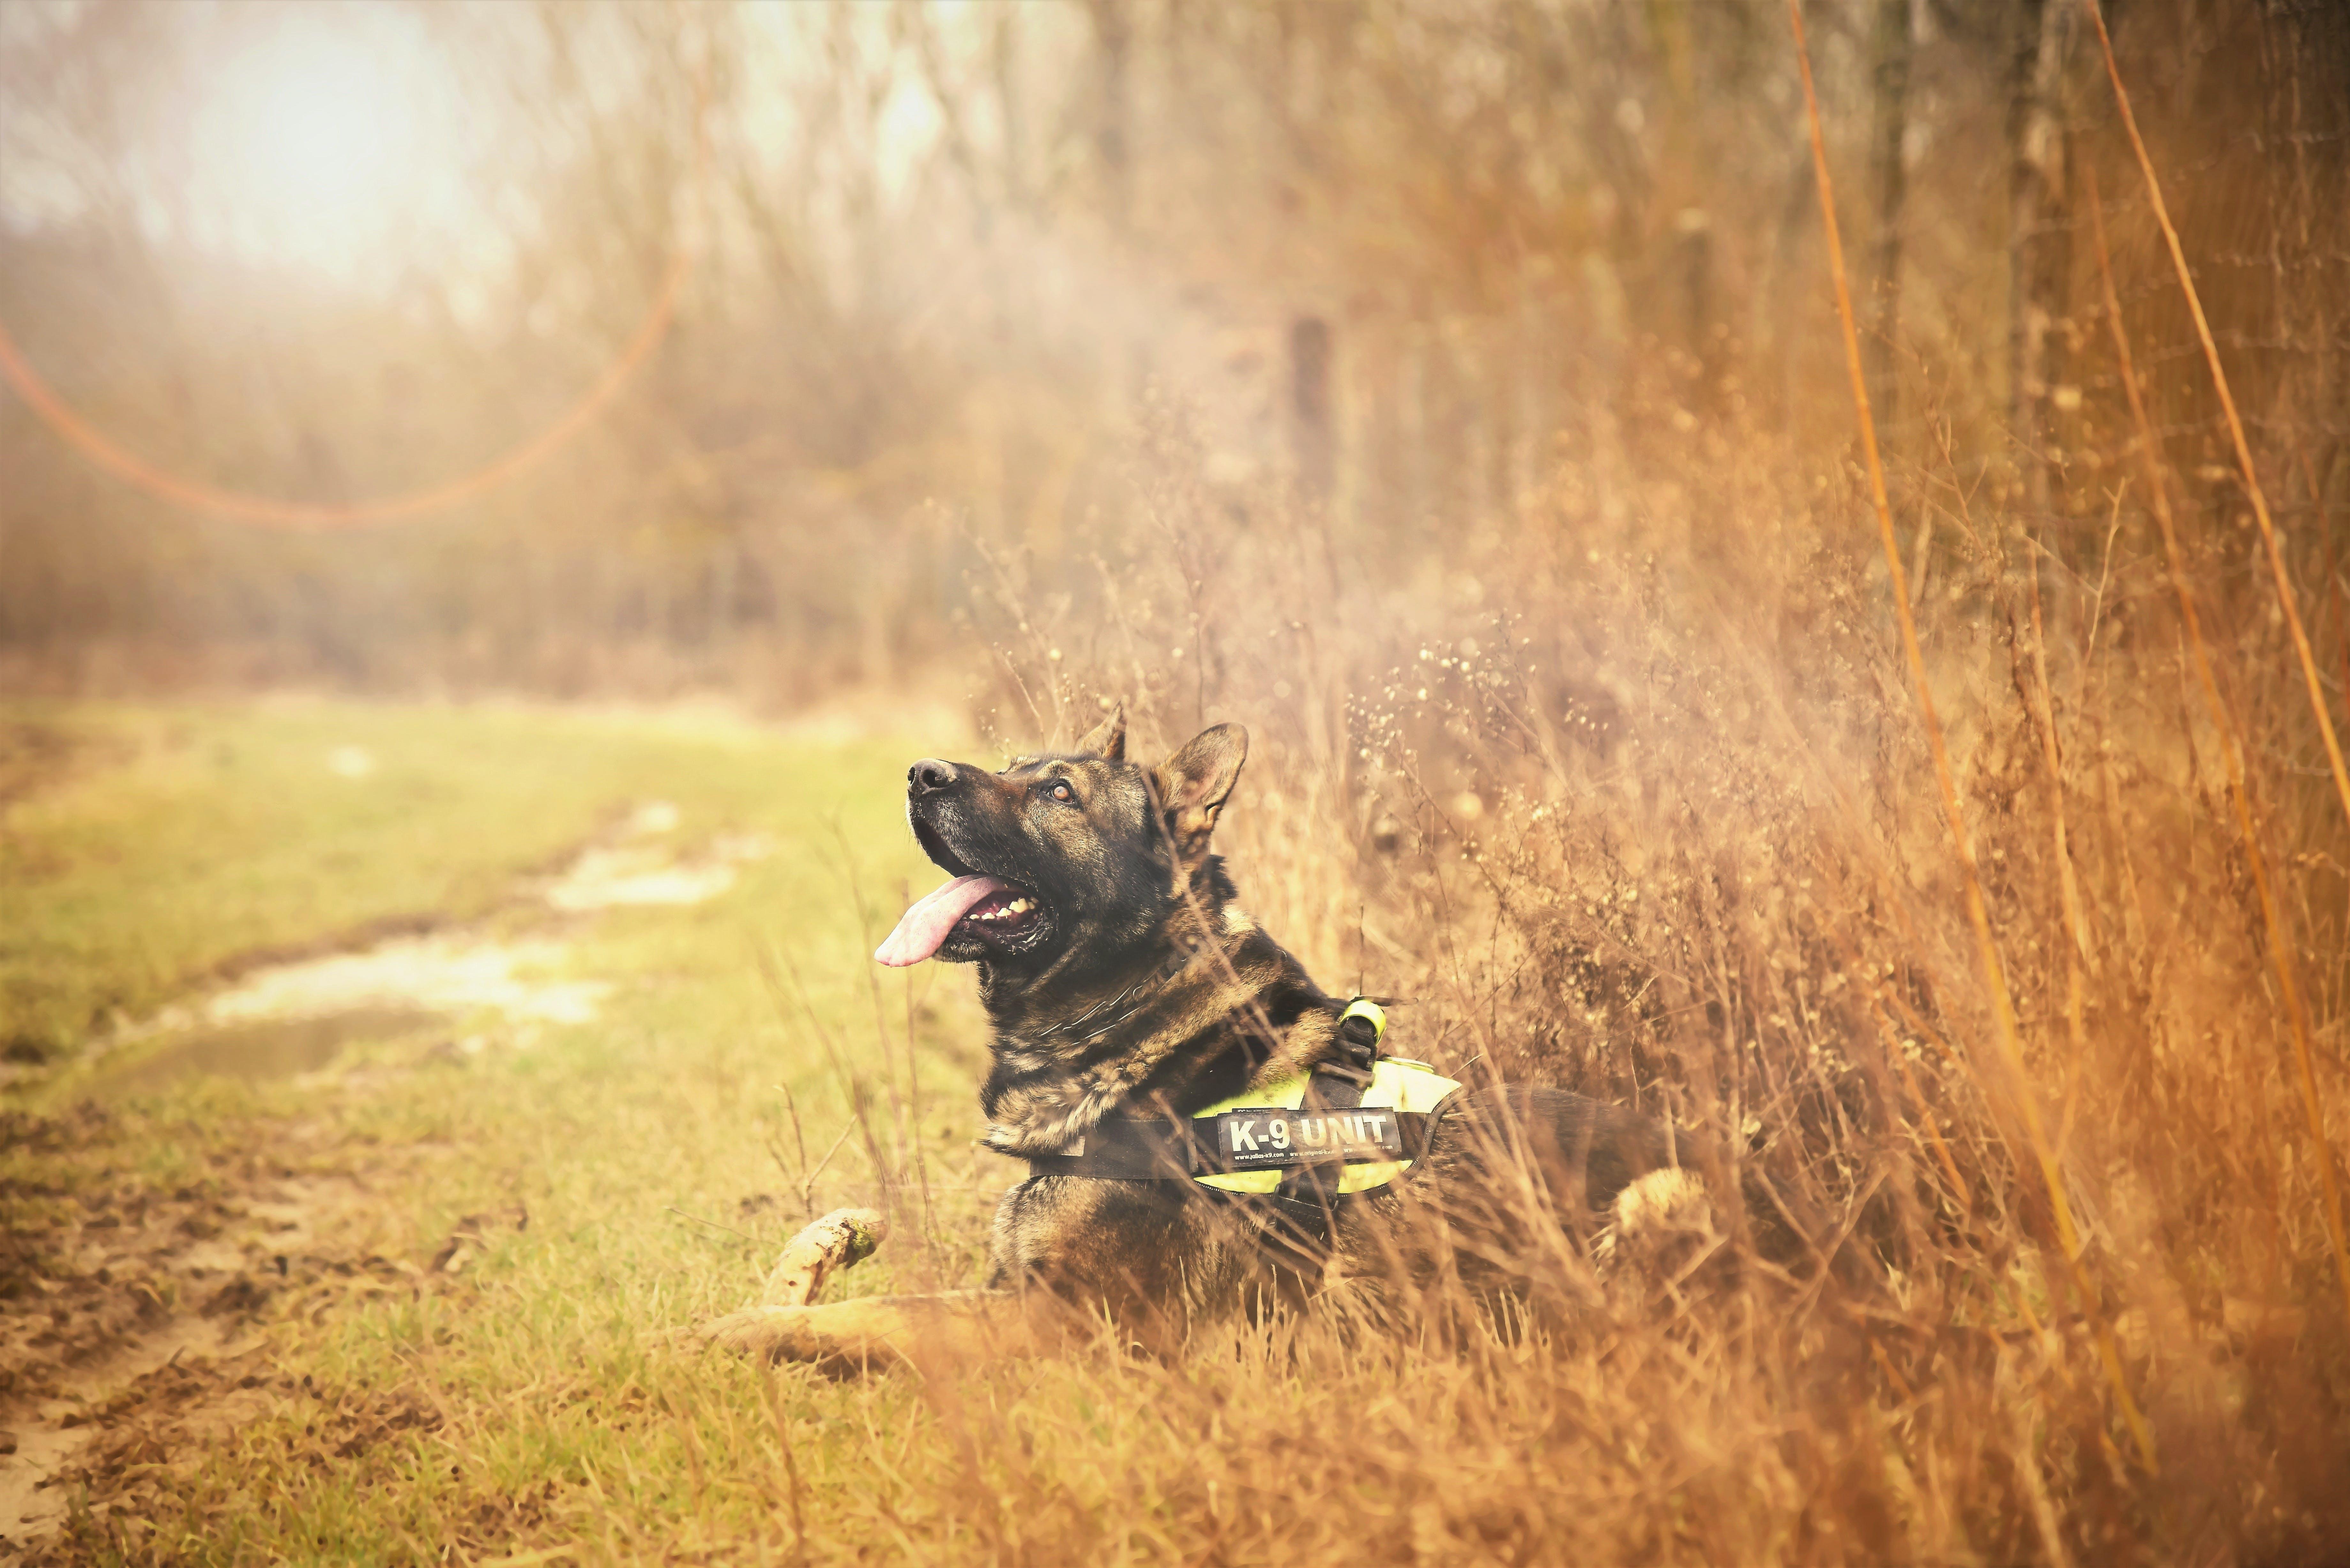 Tilt Shift Photo of an Adult German Shepherd